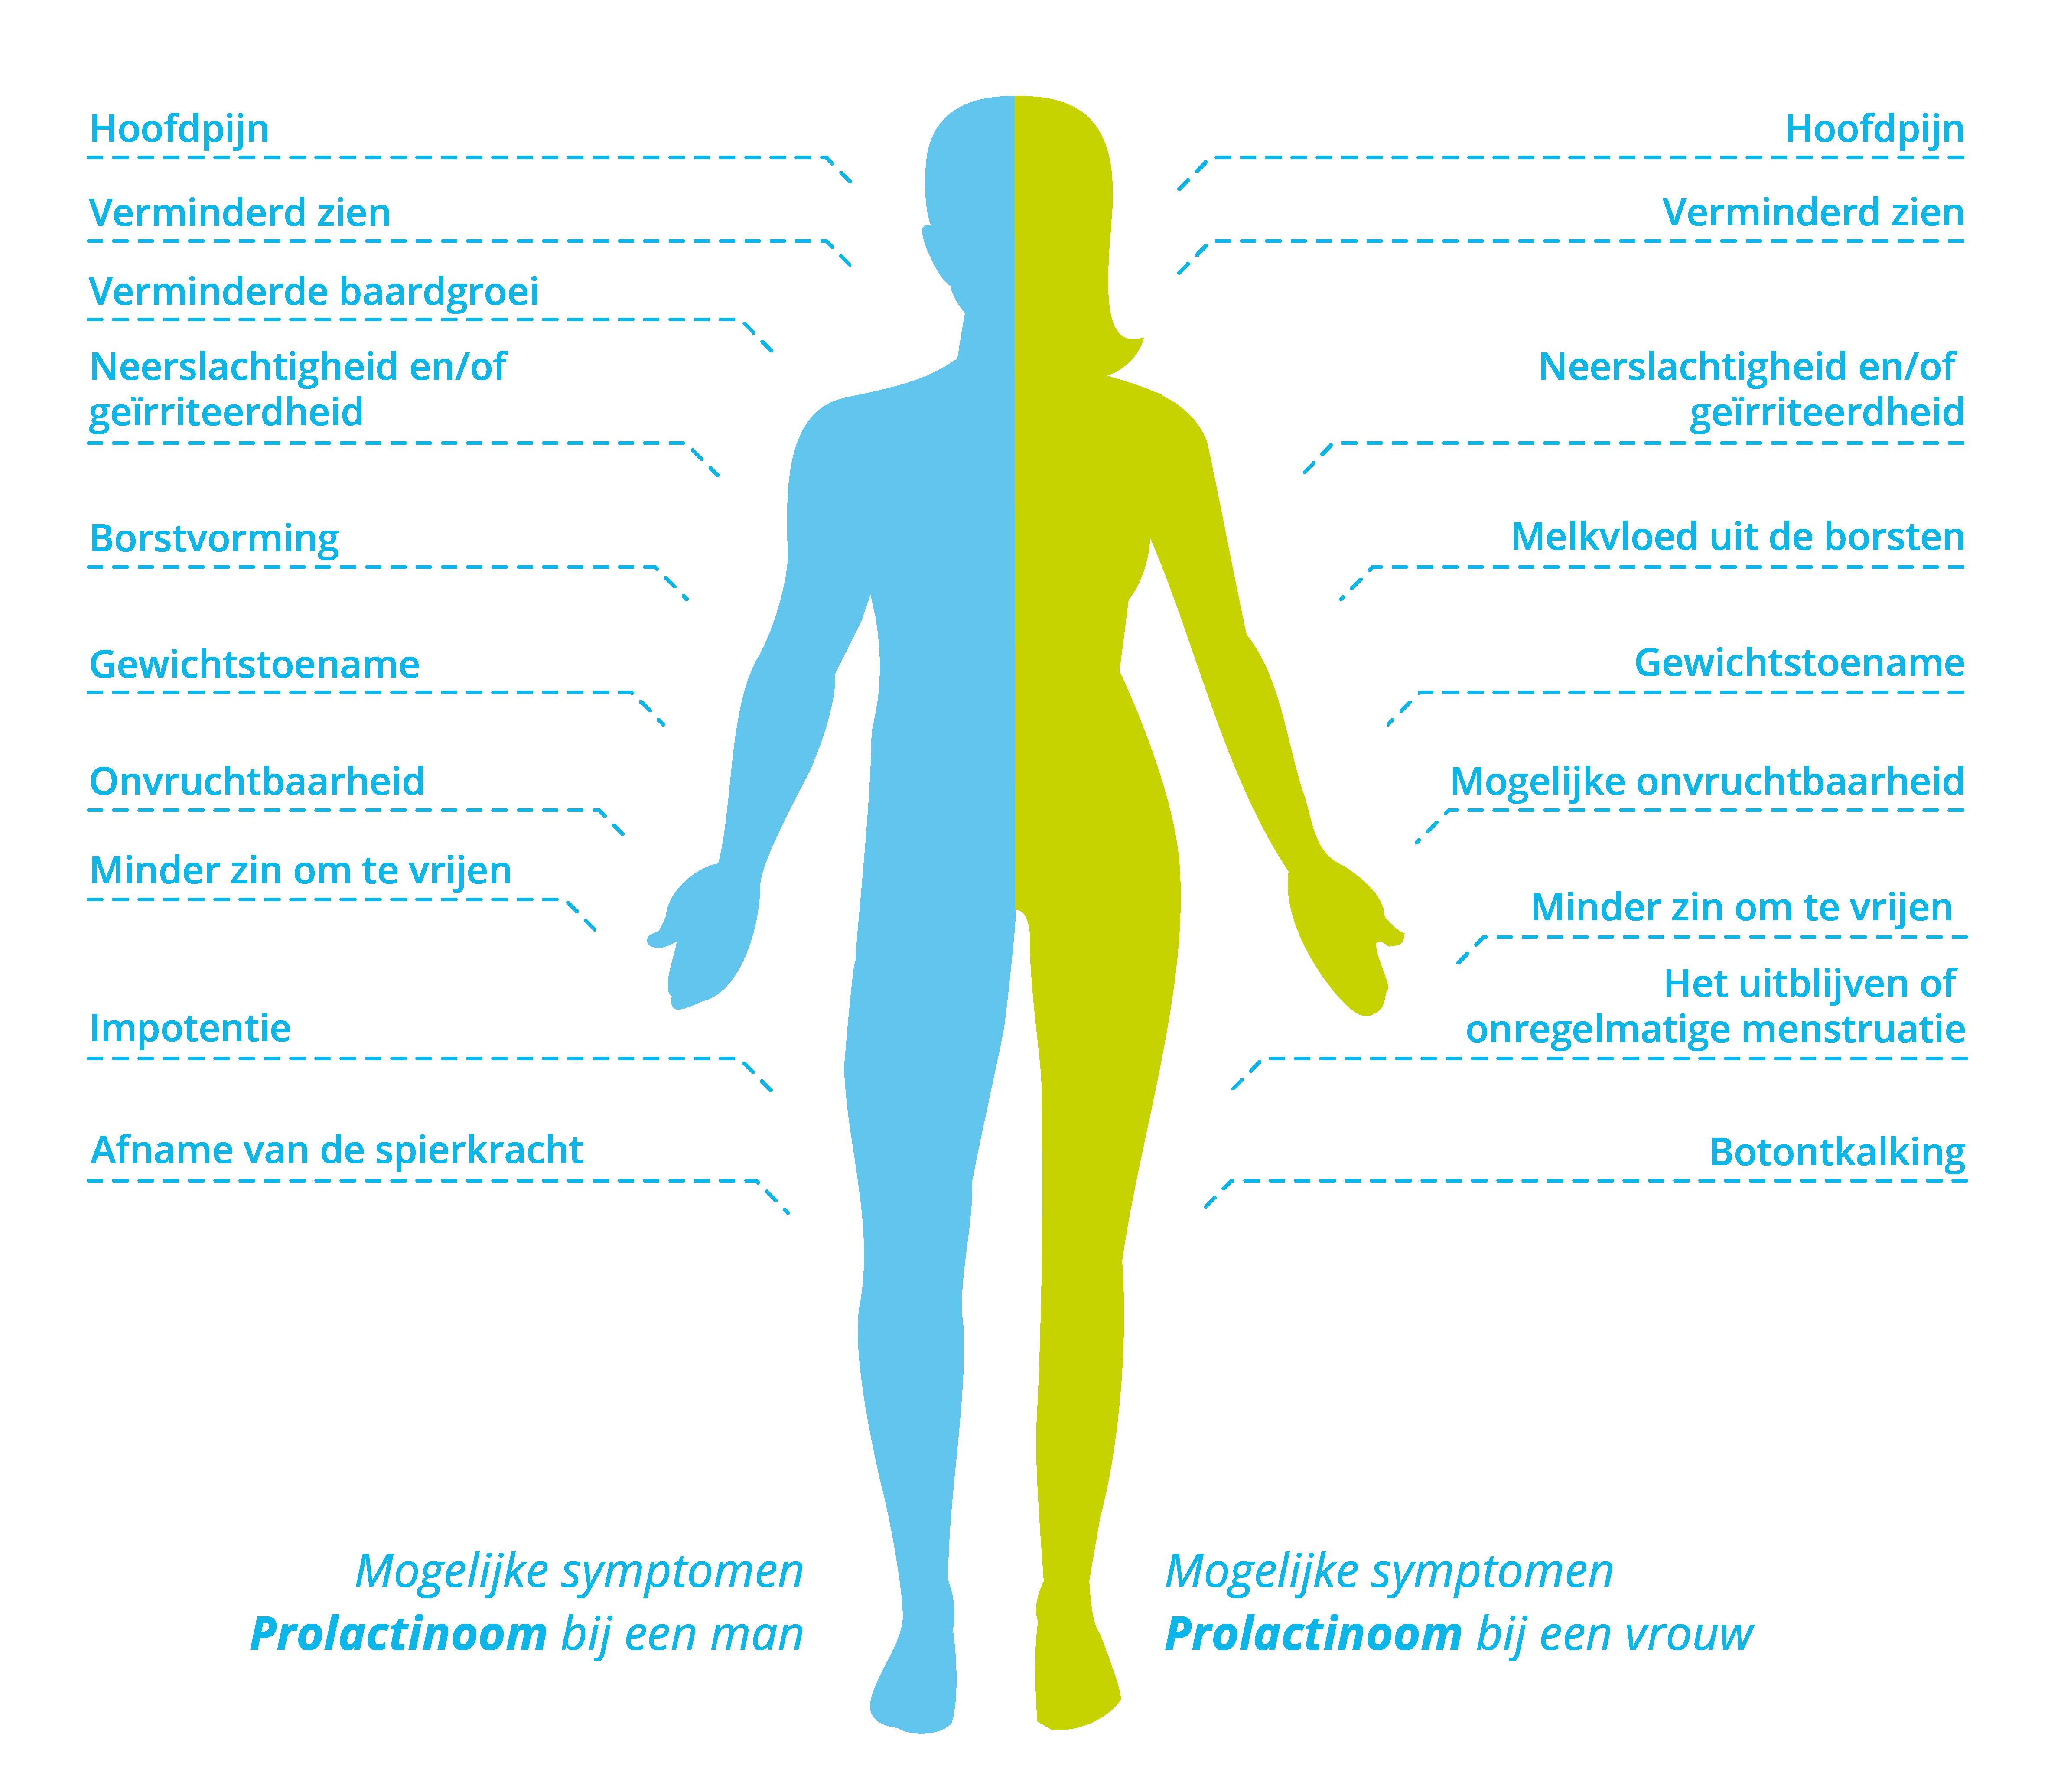 Symptomen prolactinoom bij mannen en vrouwen